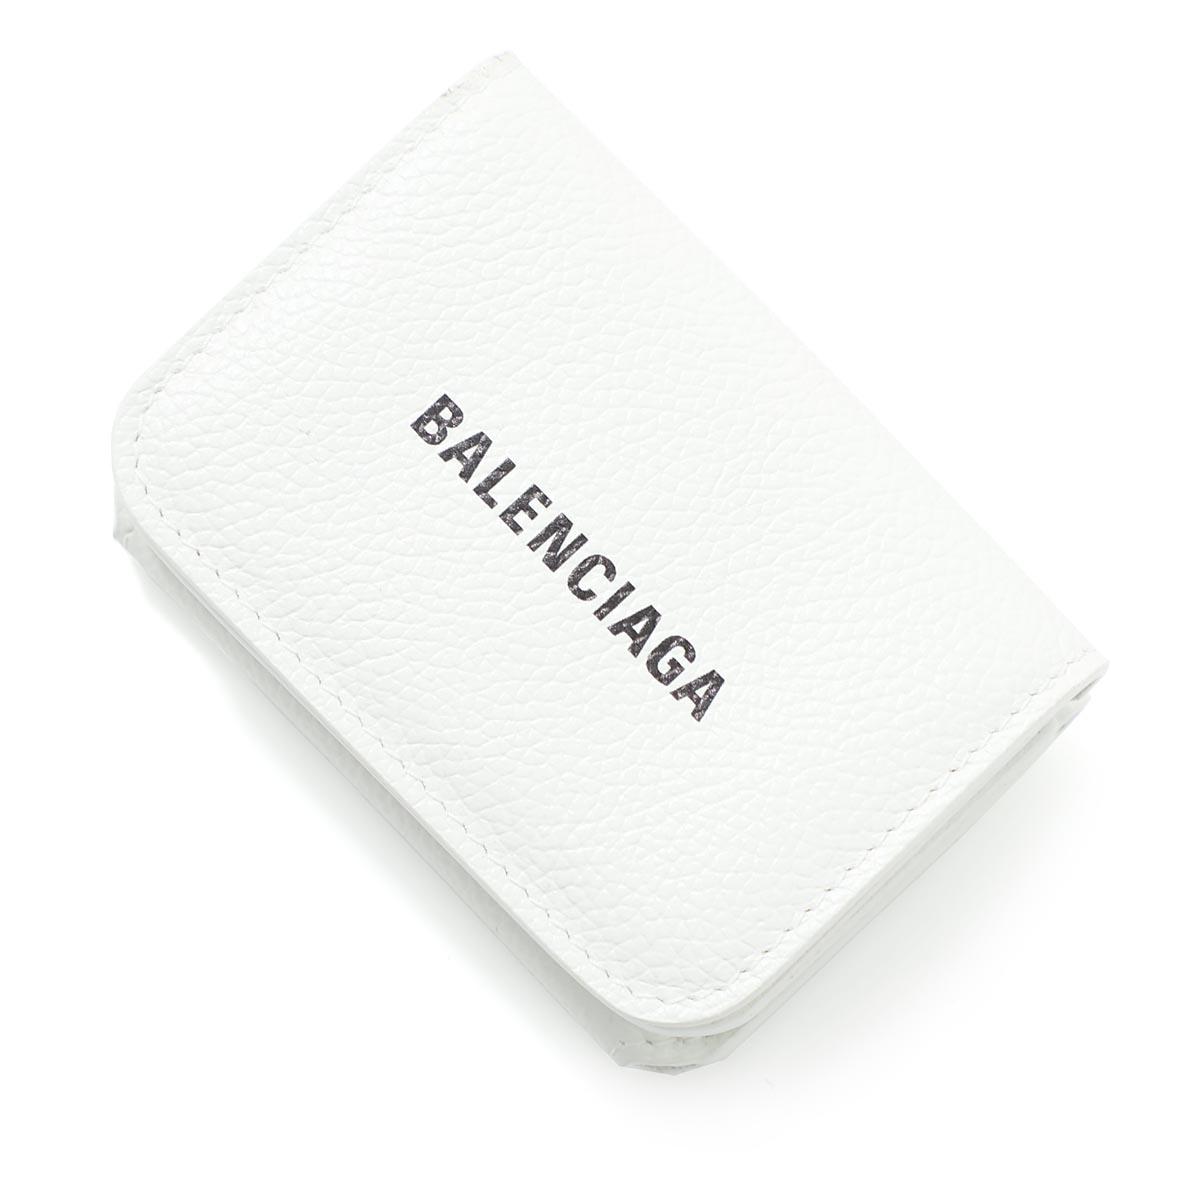 バレンシアガ BALENCIAGA 3つ折り財布 小銭入れ付き ホワイト レディース 593813 1izi3 9060【あす楽対応_関東】【返品送料無料】【ラッピング無料】